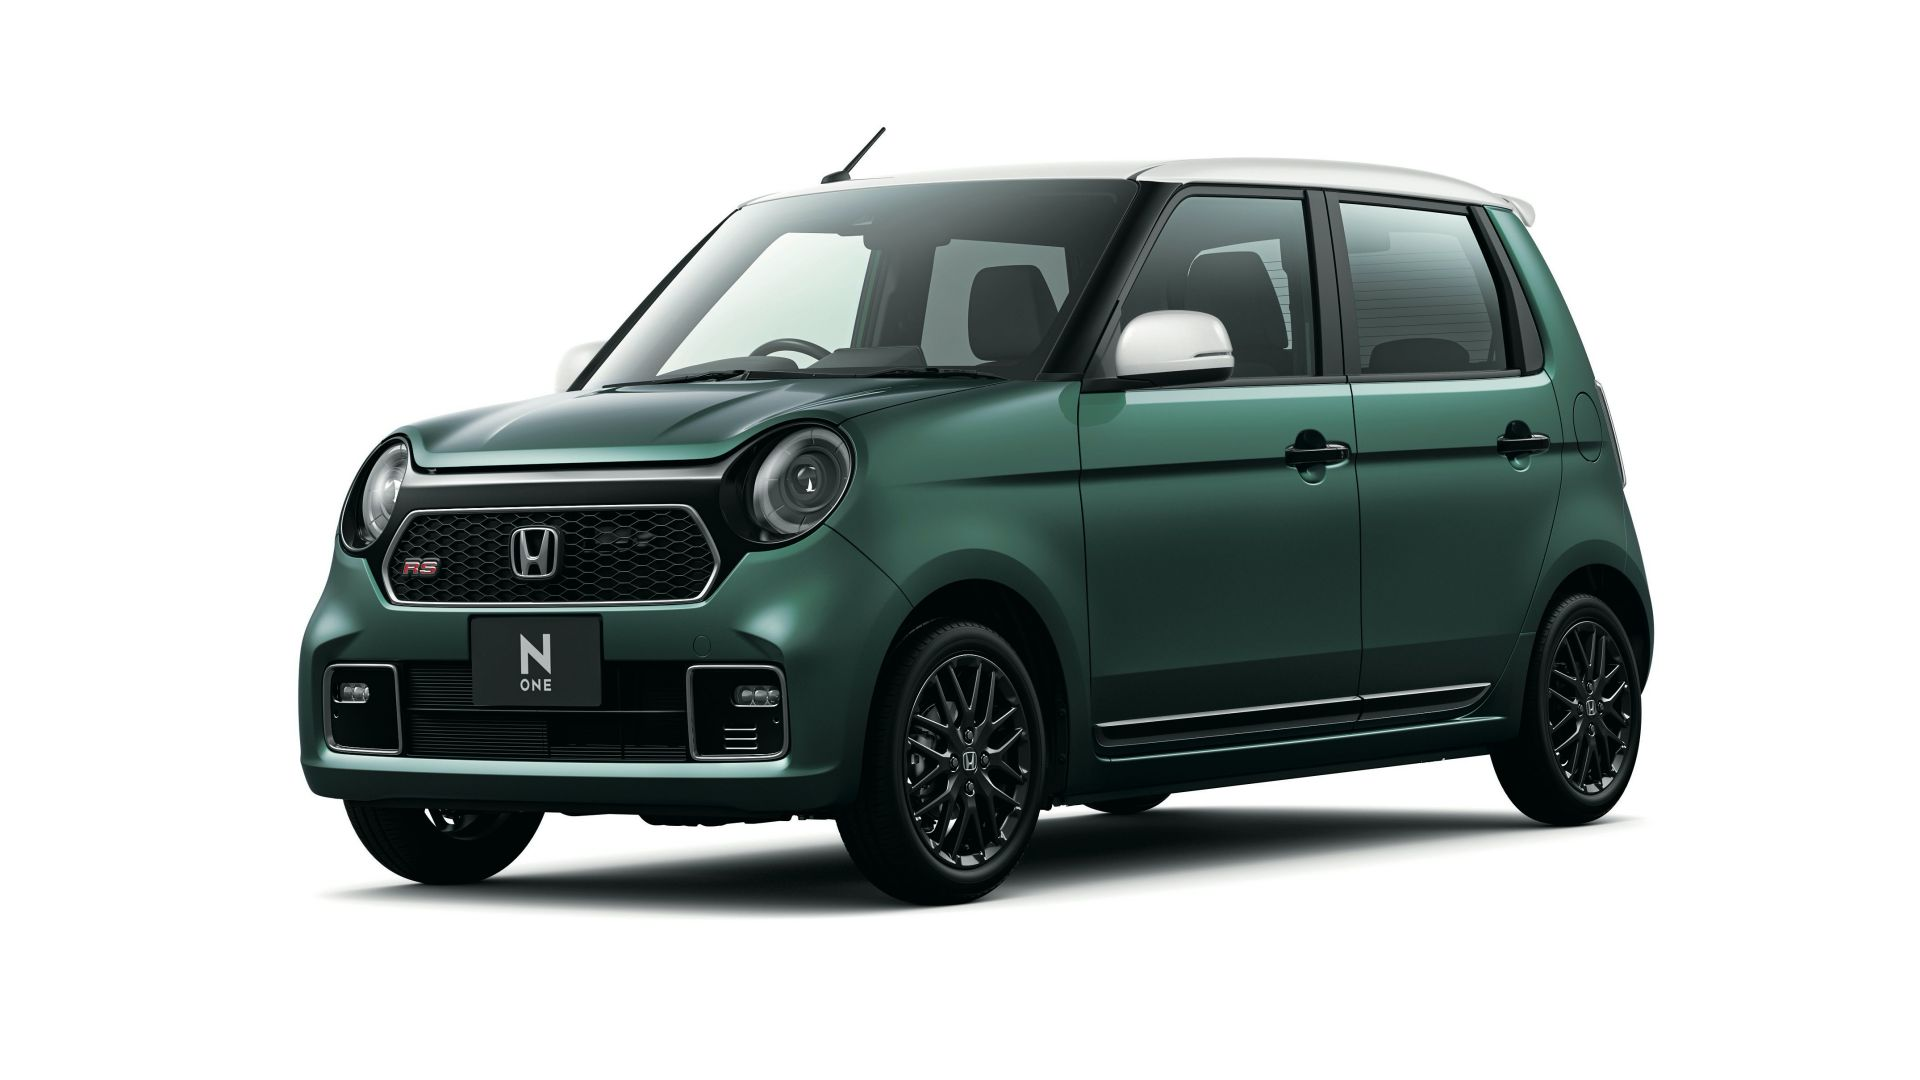 Honda-N-One-2020-17